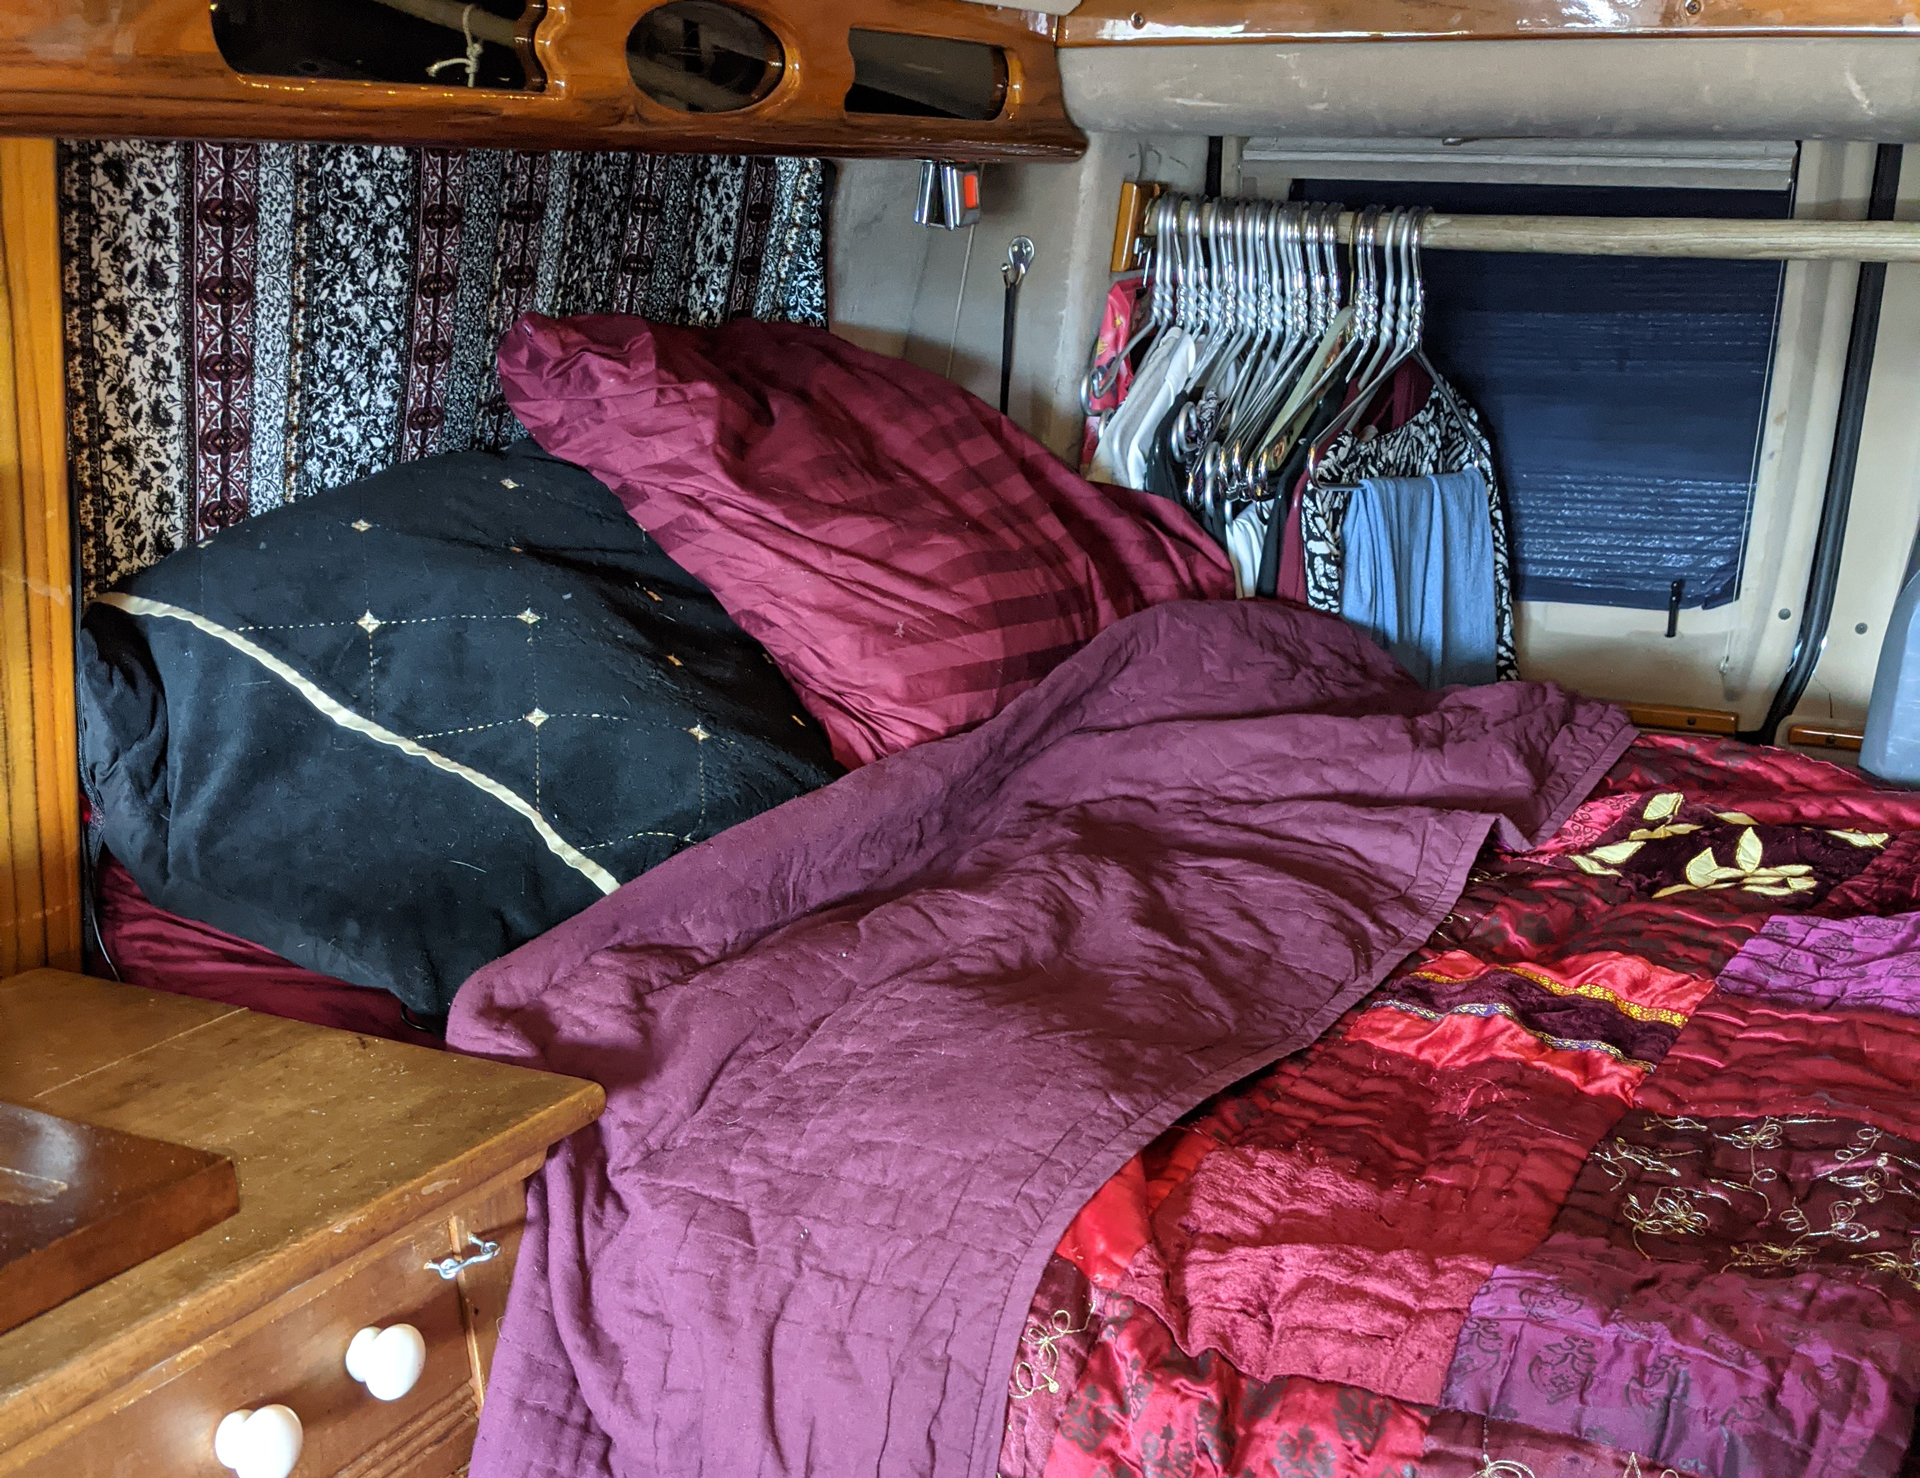 Vanlife - Hanging clothes in a van